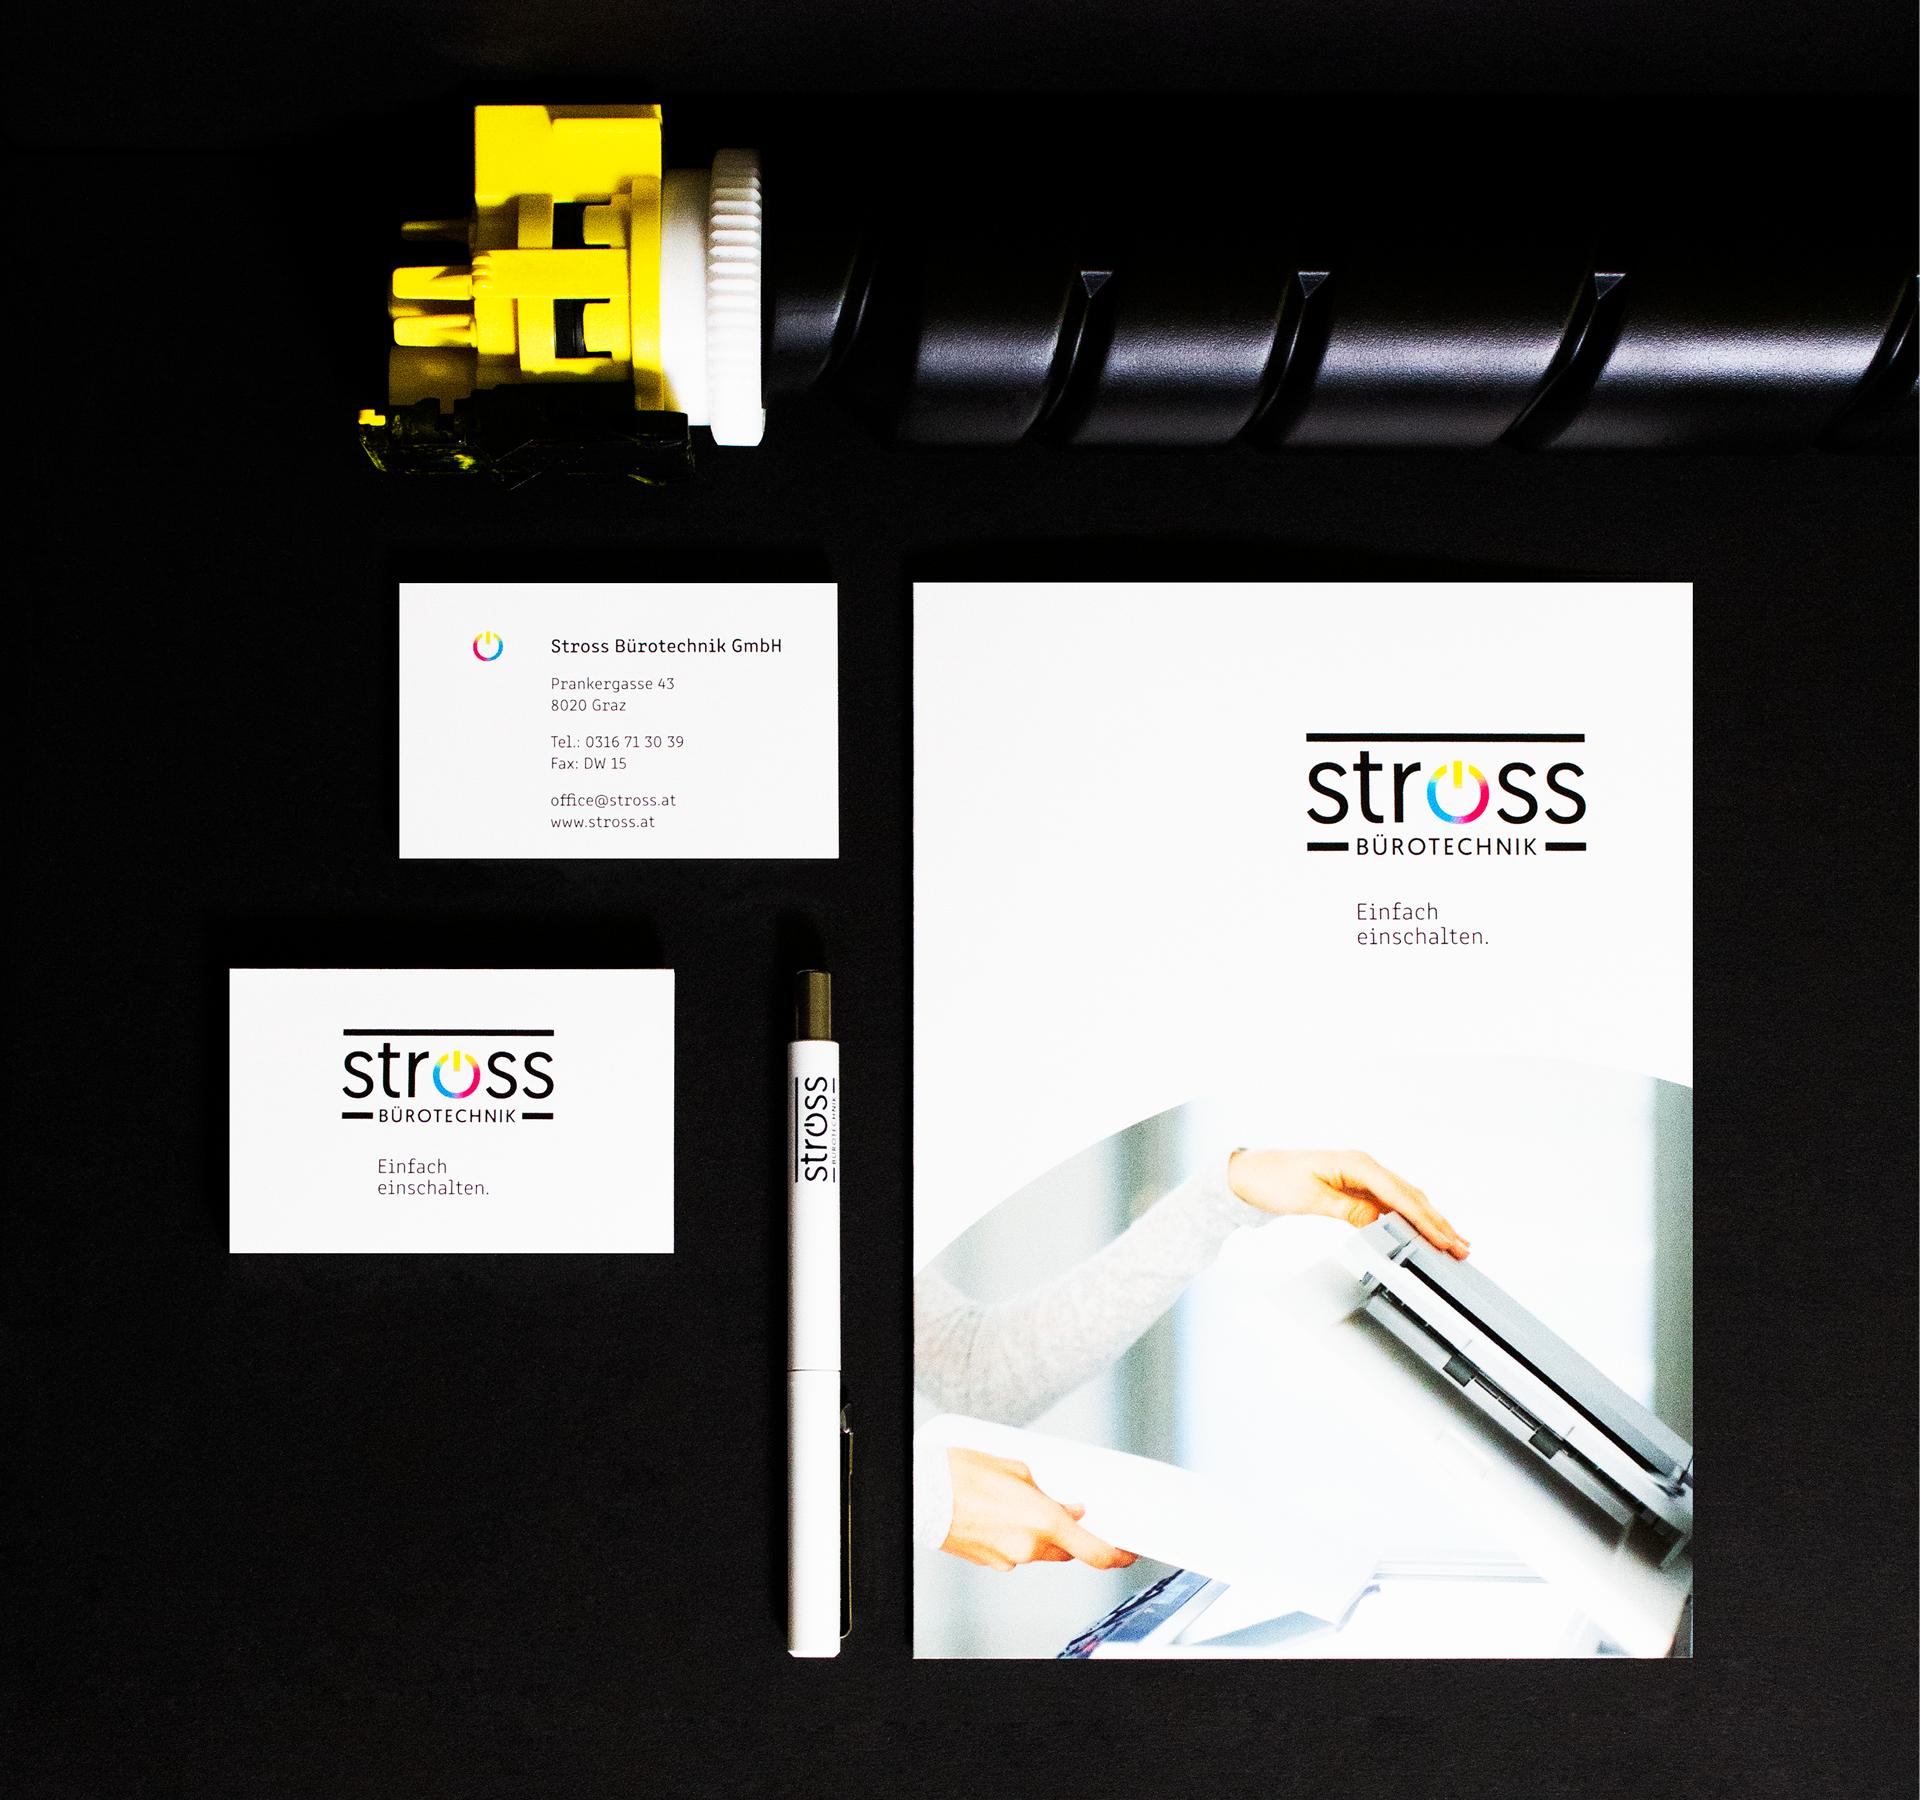 Redesign der Corporate Identity für Stross Bürotechnik von der Werbeagentur look! design